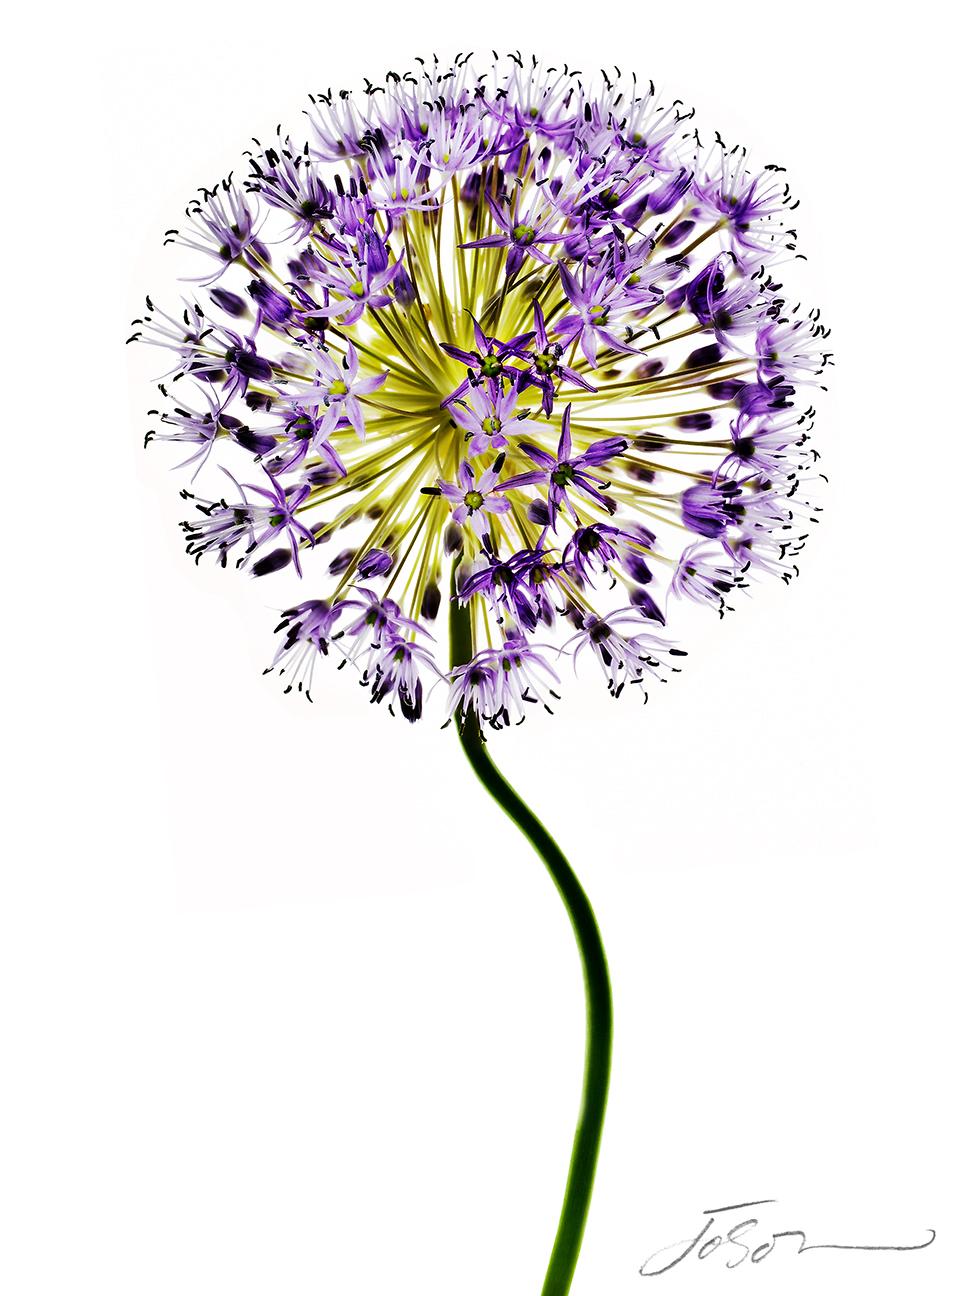 Giant onion (Allium giganteum)